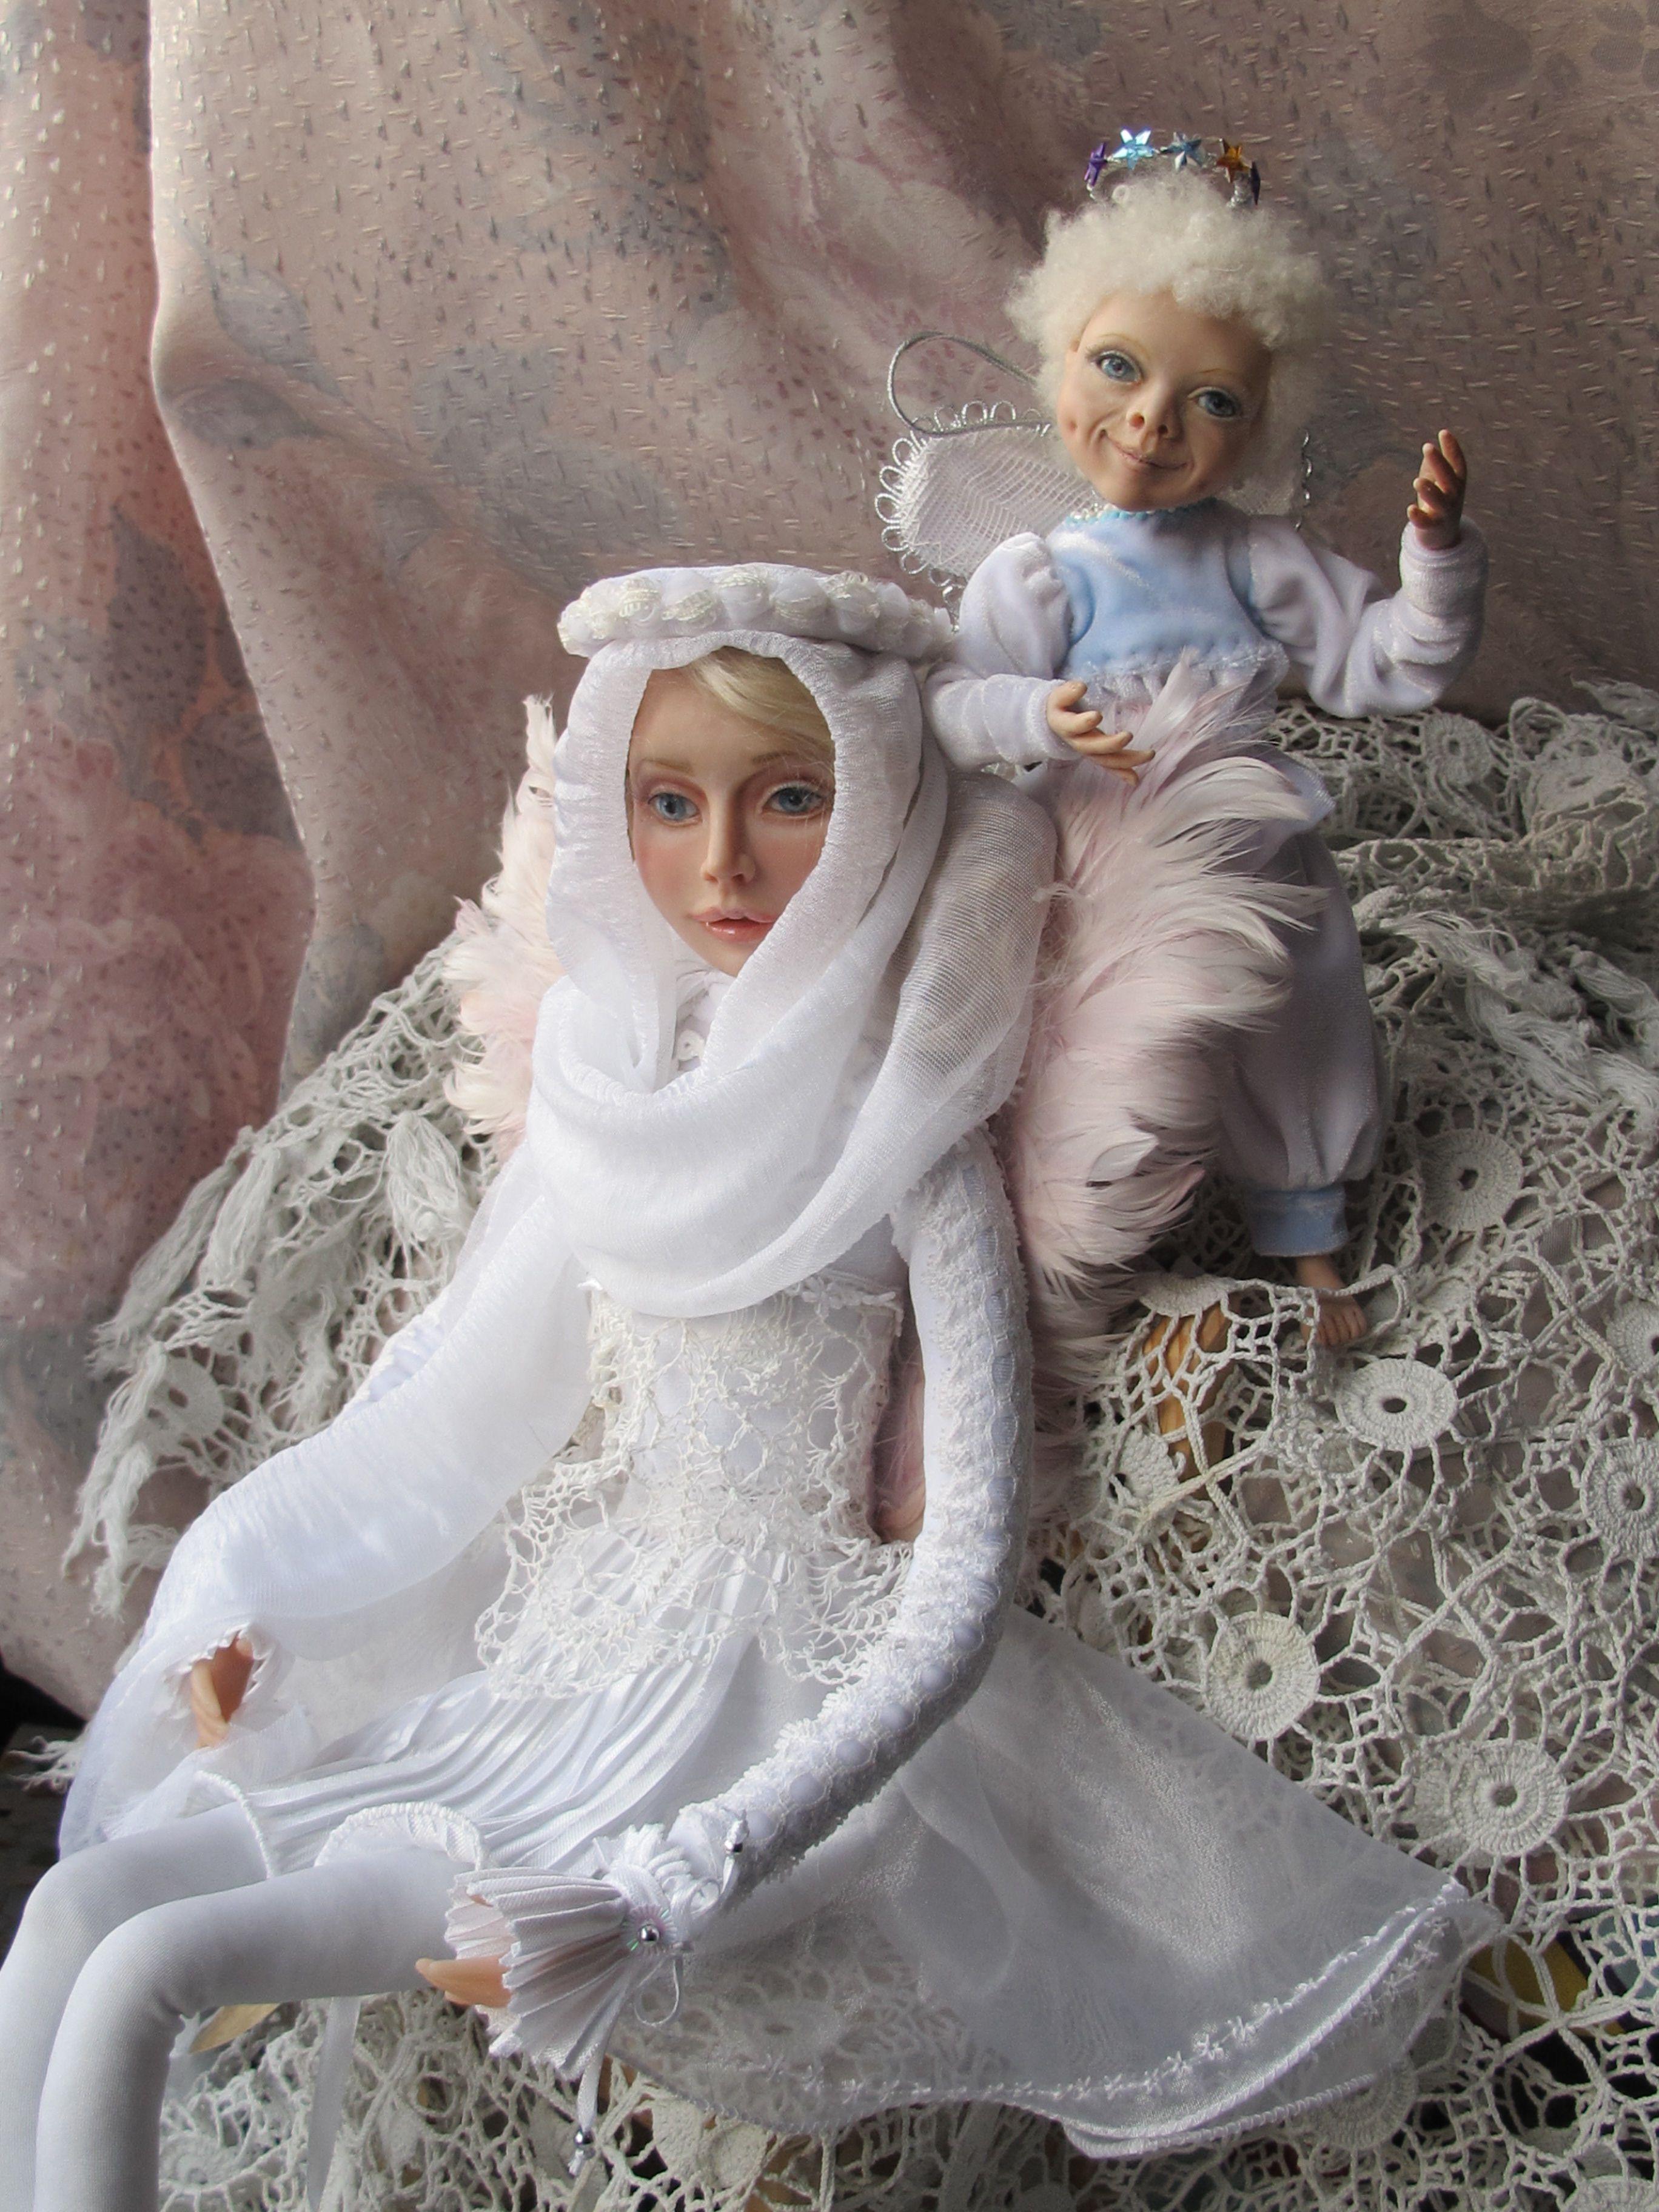 день кукла на существапортретная рождениясказочные ангелподарок ангелянварский